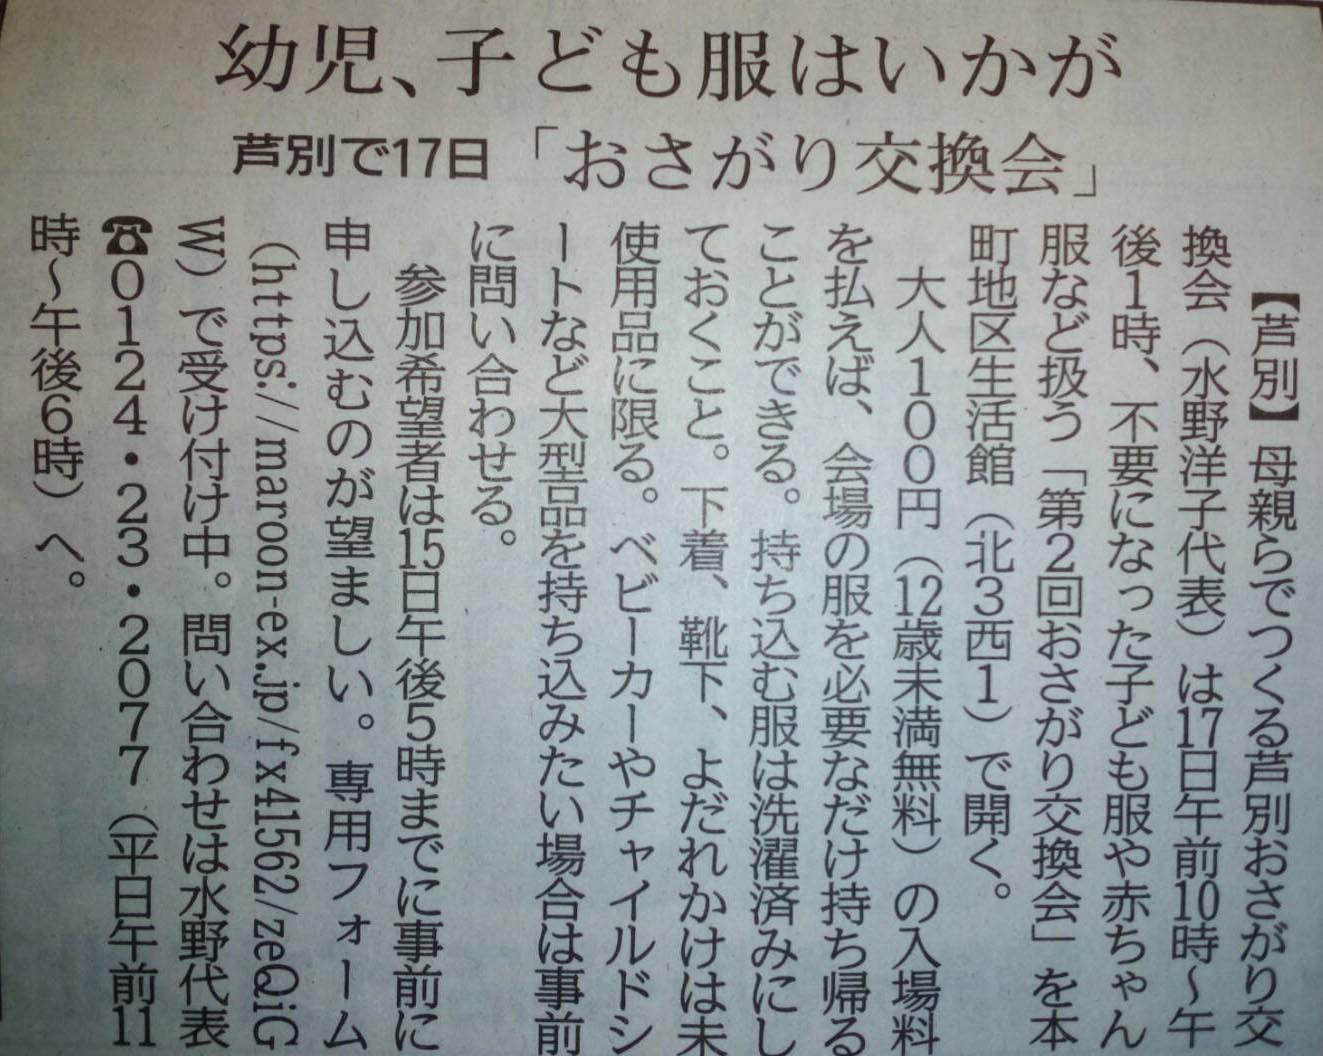 北海道新聞朝刊(2018.3.7)に「芦別おさがり交換会」の記事が掲載されました。